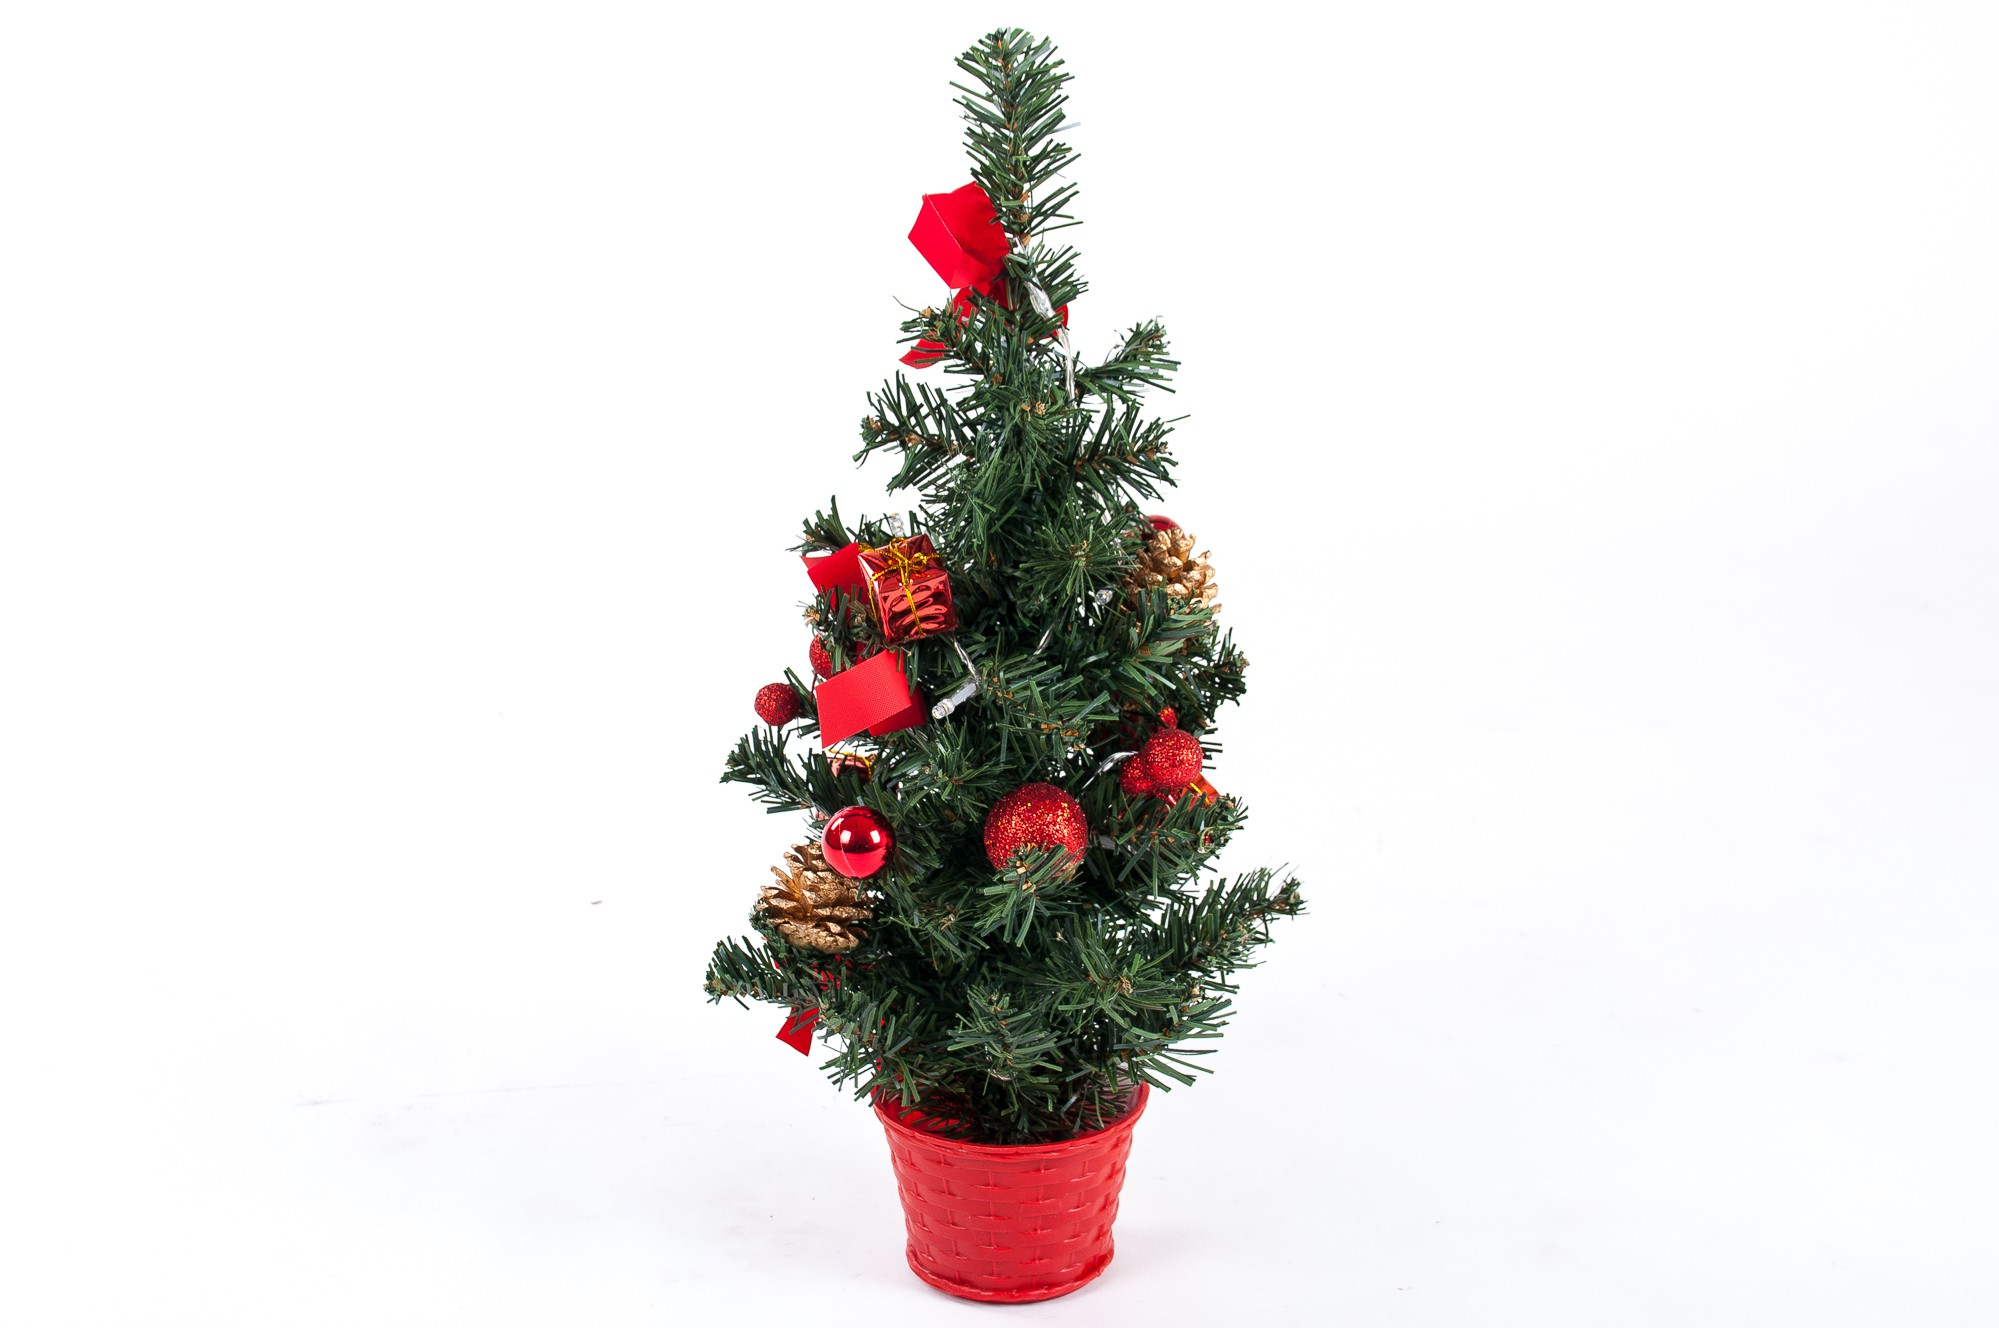 Led deko weihnachtsbaum h 45cm weihnachten tannenbaum for Deko versand